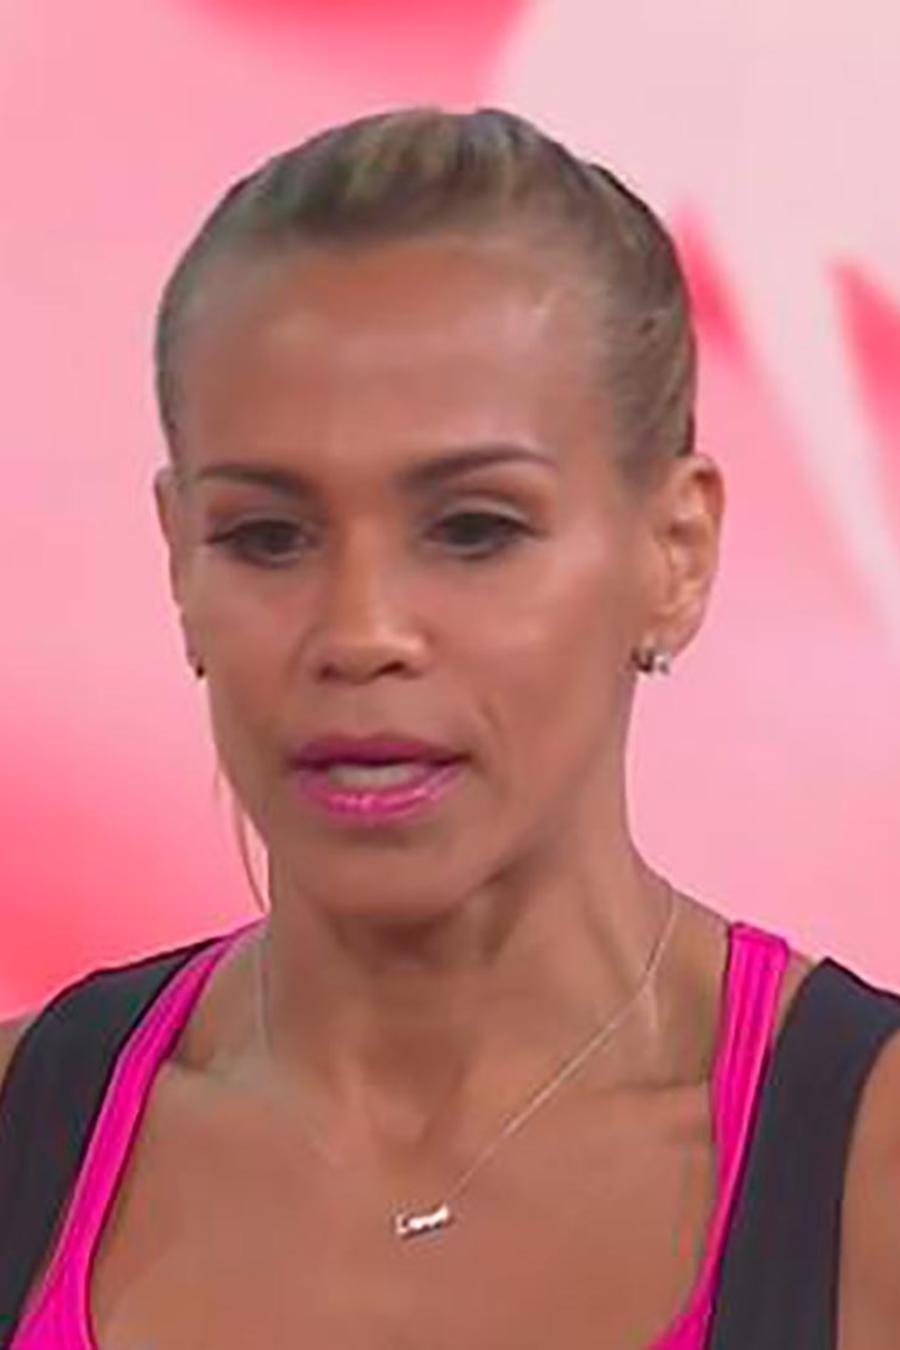 Jackie Rodríguez se une a Daddy Yankee para juntar fondos para la lucha contra el cáncer